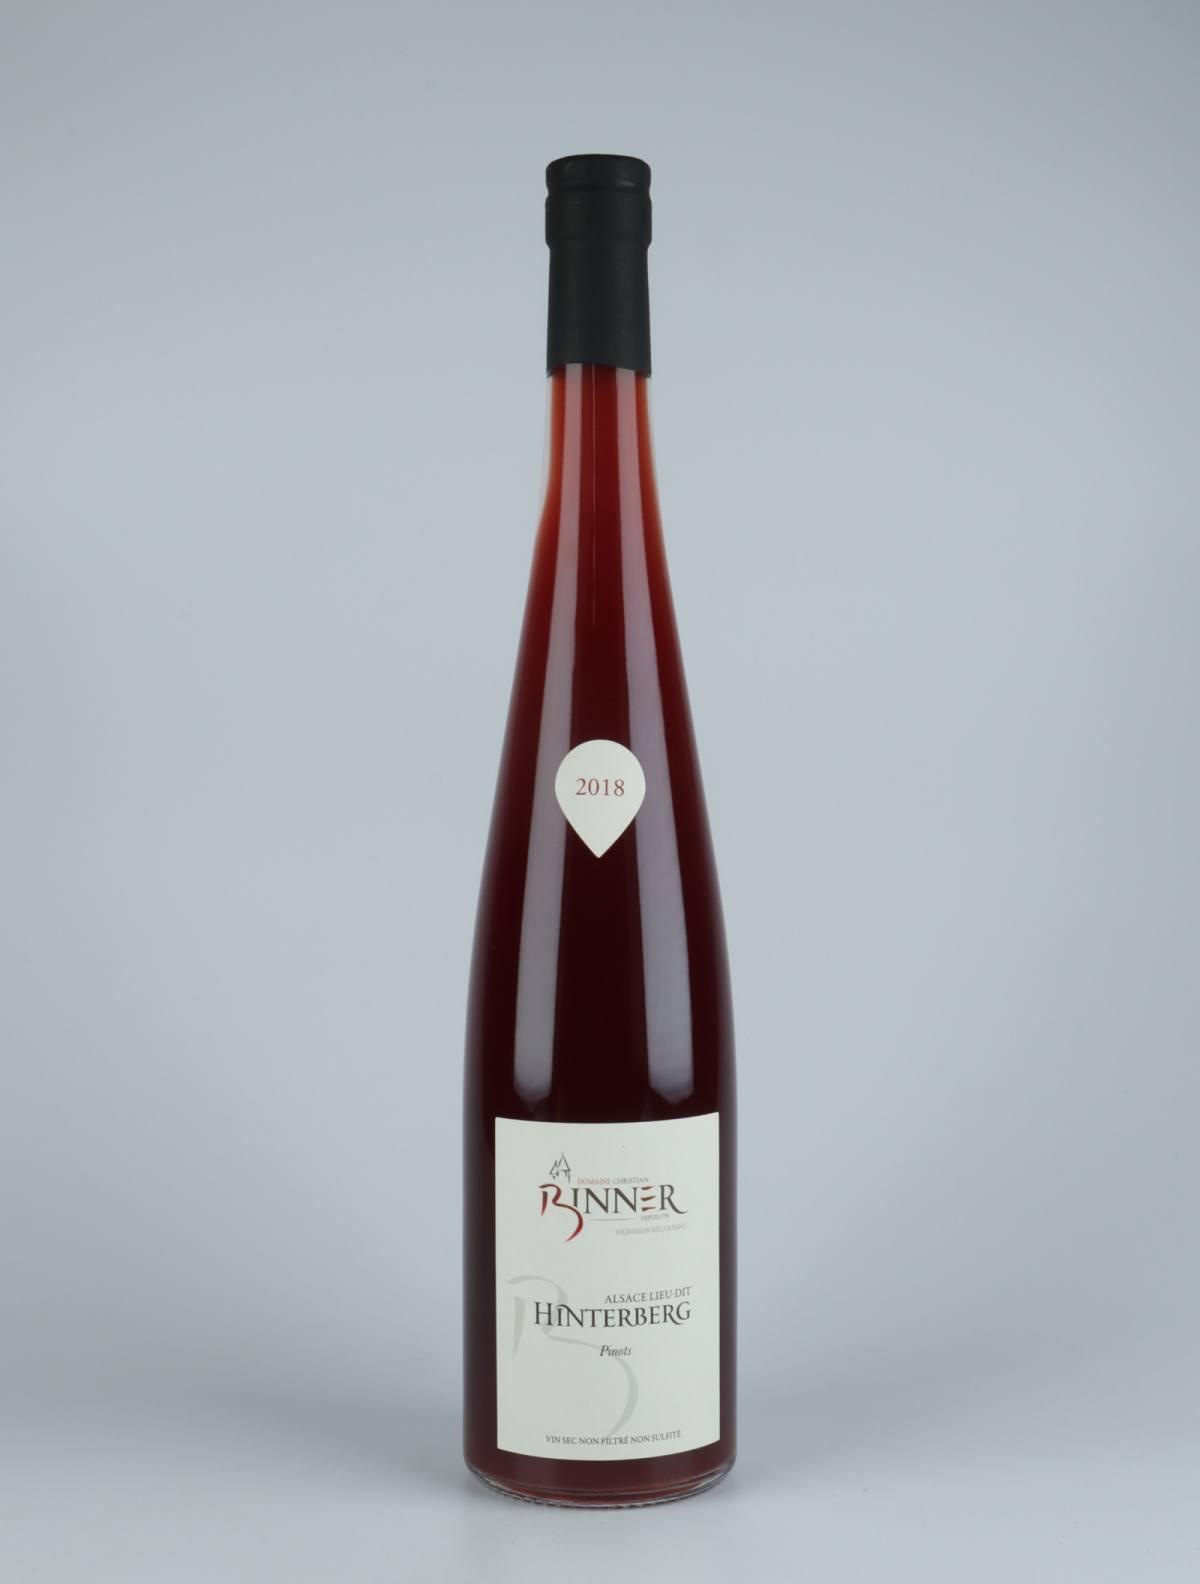 Hinterberg Pinots